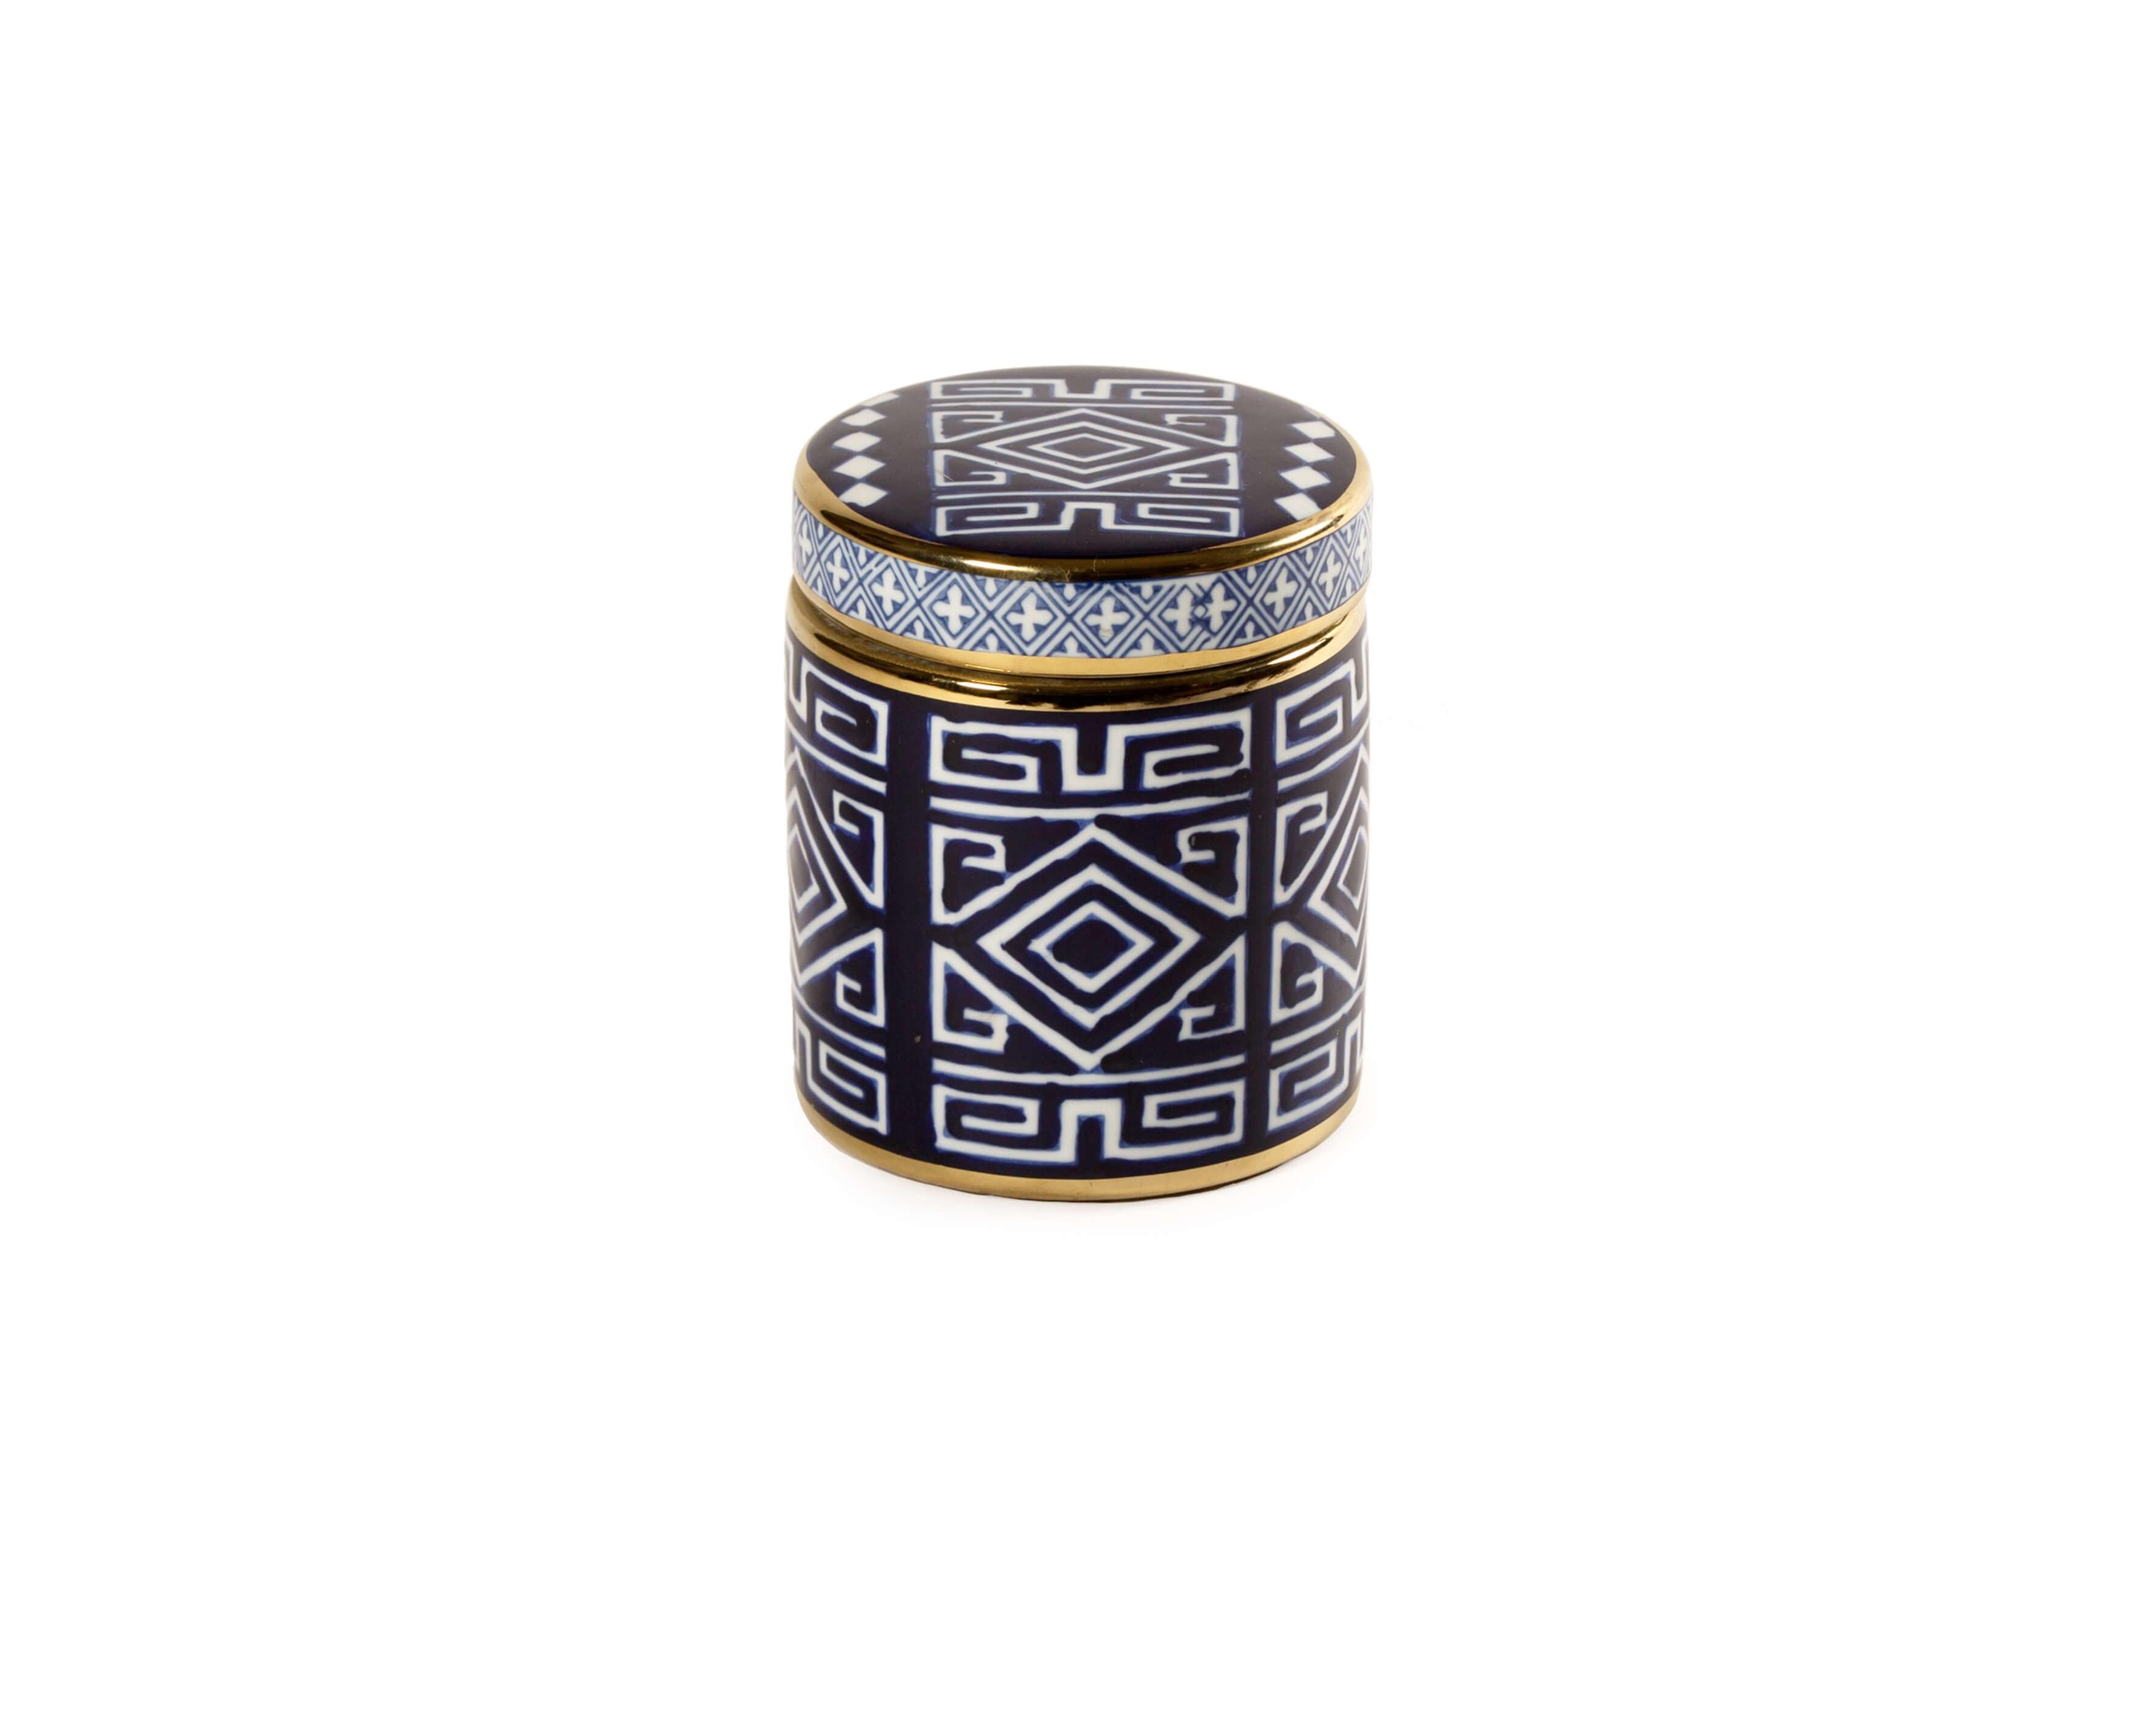 Boite à mouchoirs en porcelaine et métal doré - IGB1509-5